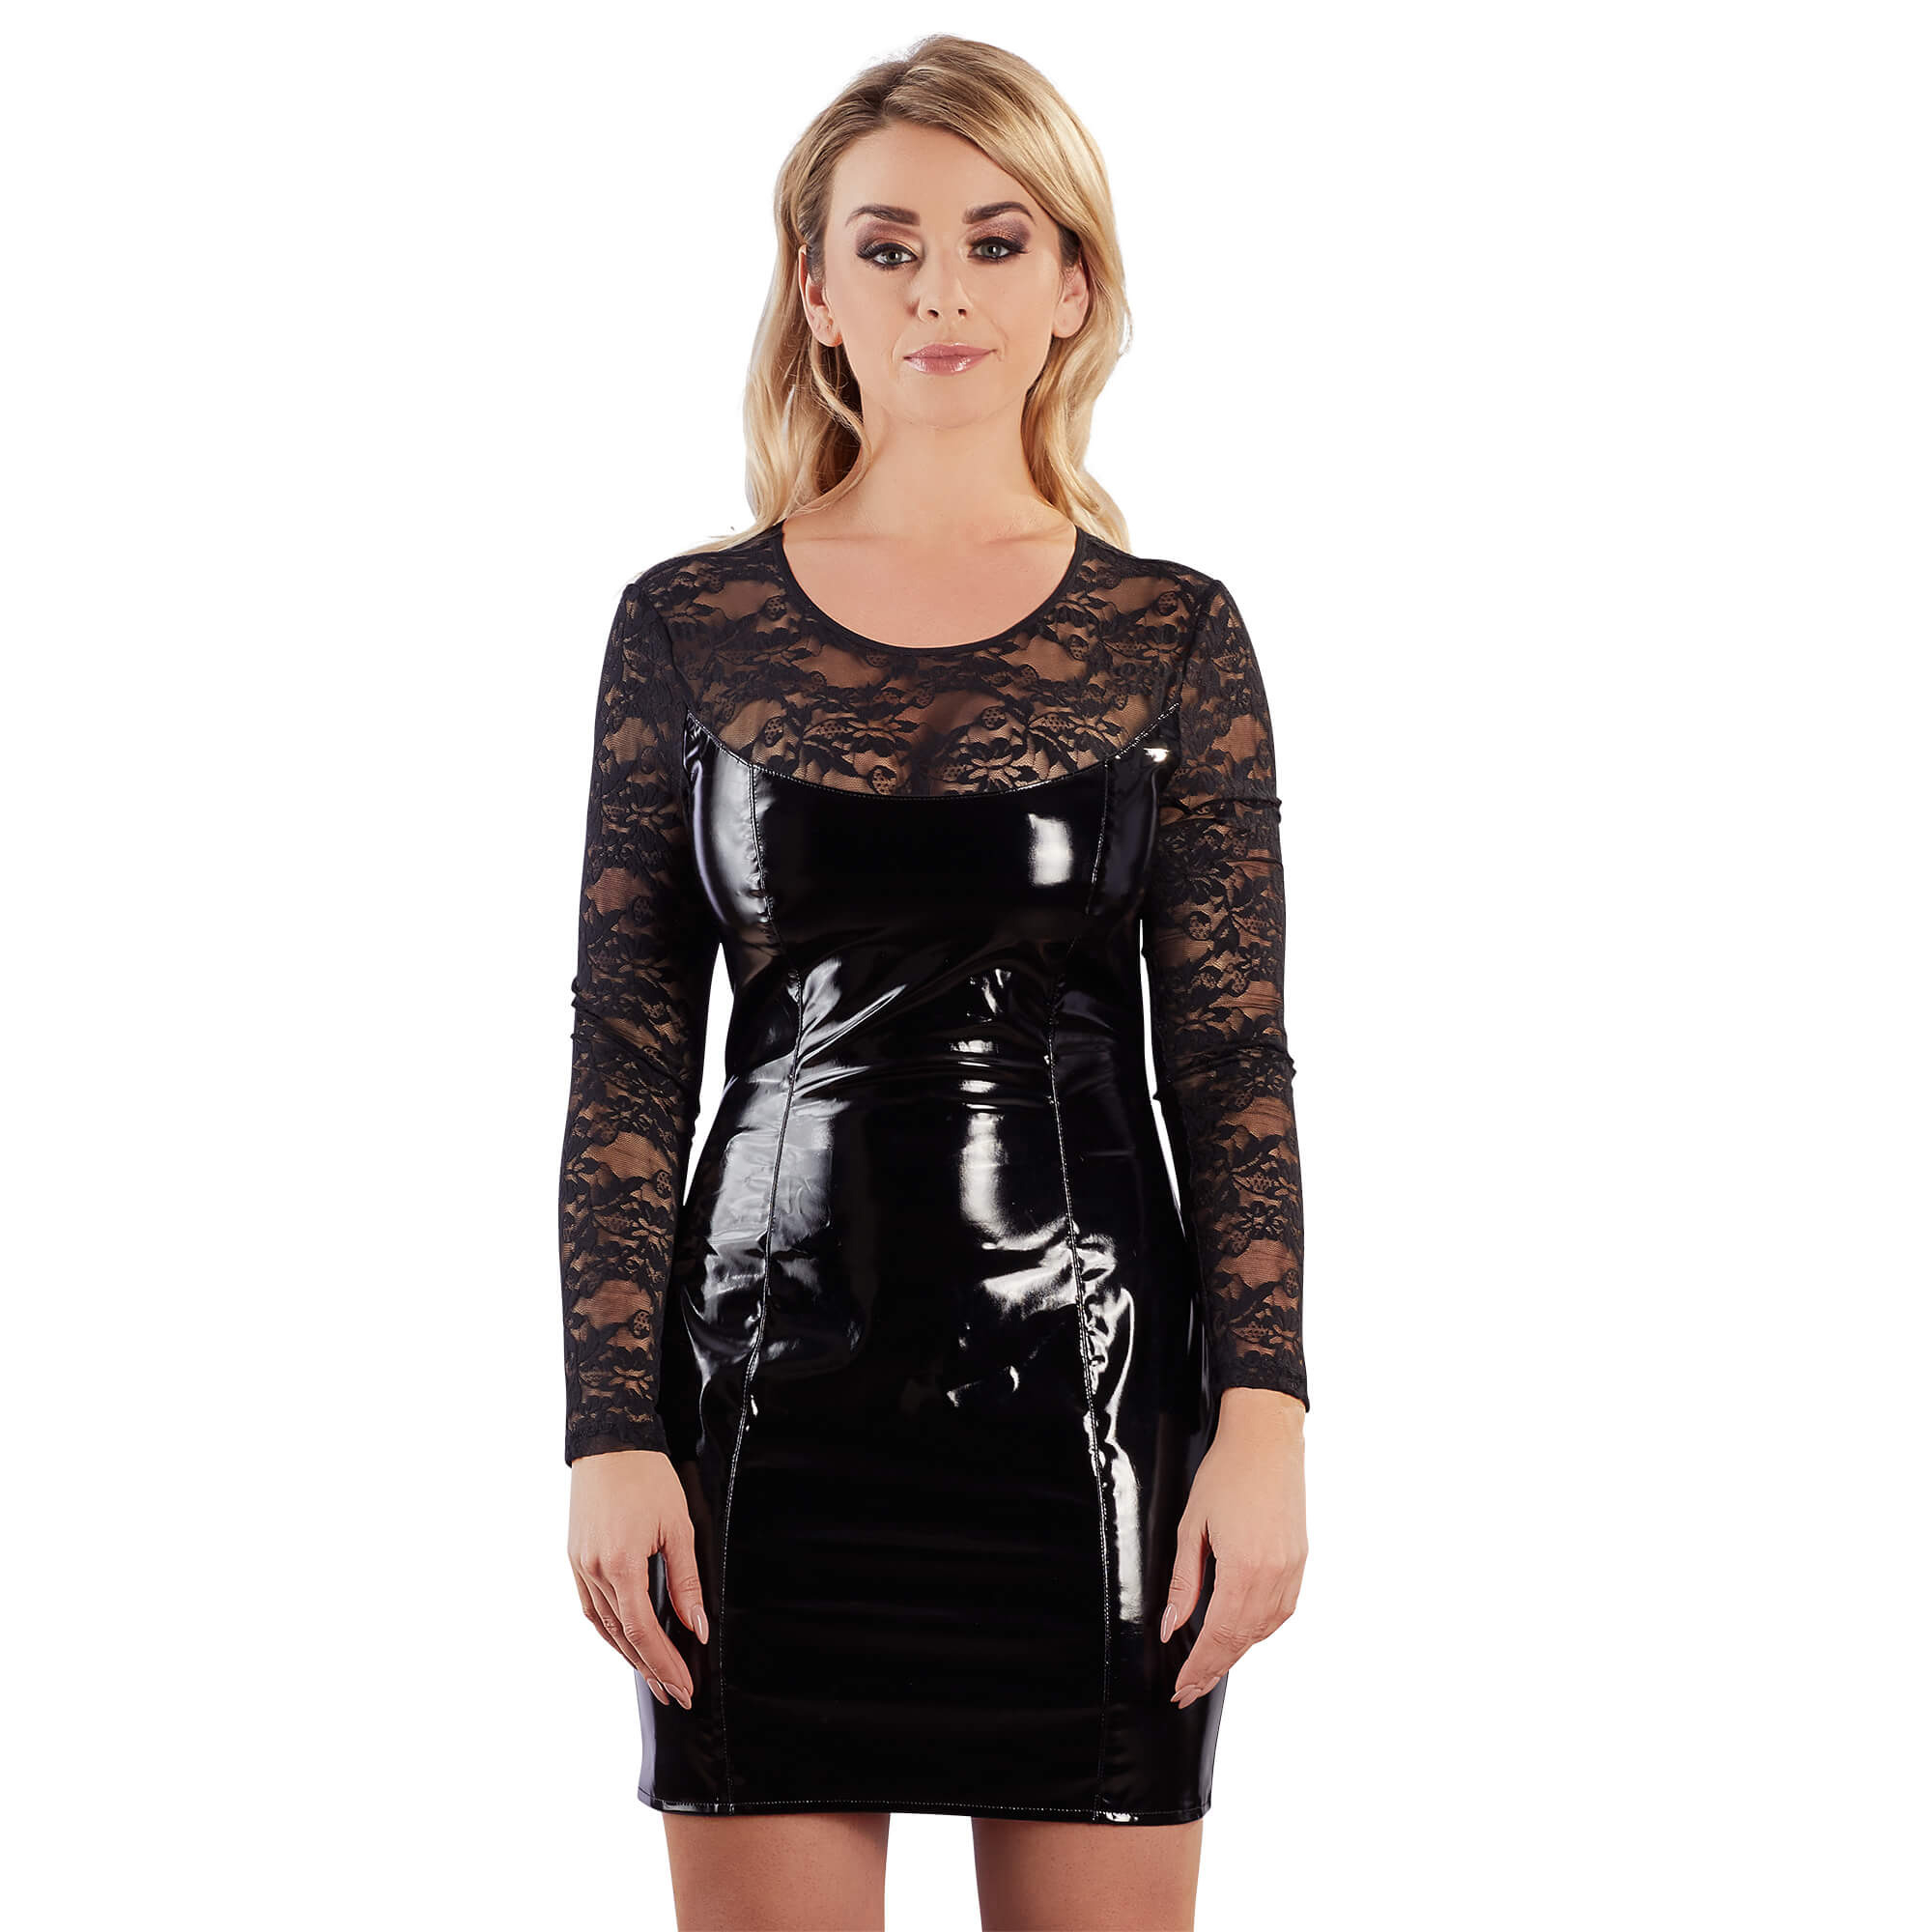 17 Elegant Kleid Mit Spitzenärmeln Vertrieb20 Cool Kleid Mit Spitzenärmeln Vertrieb